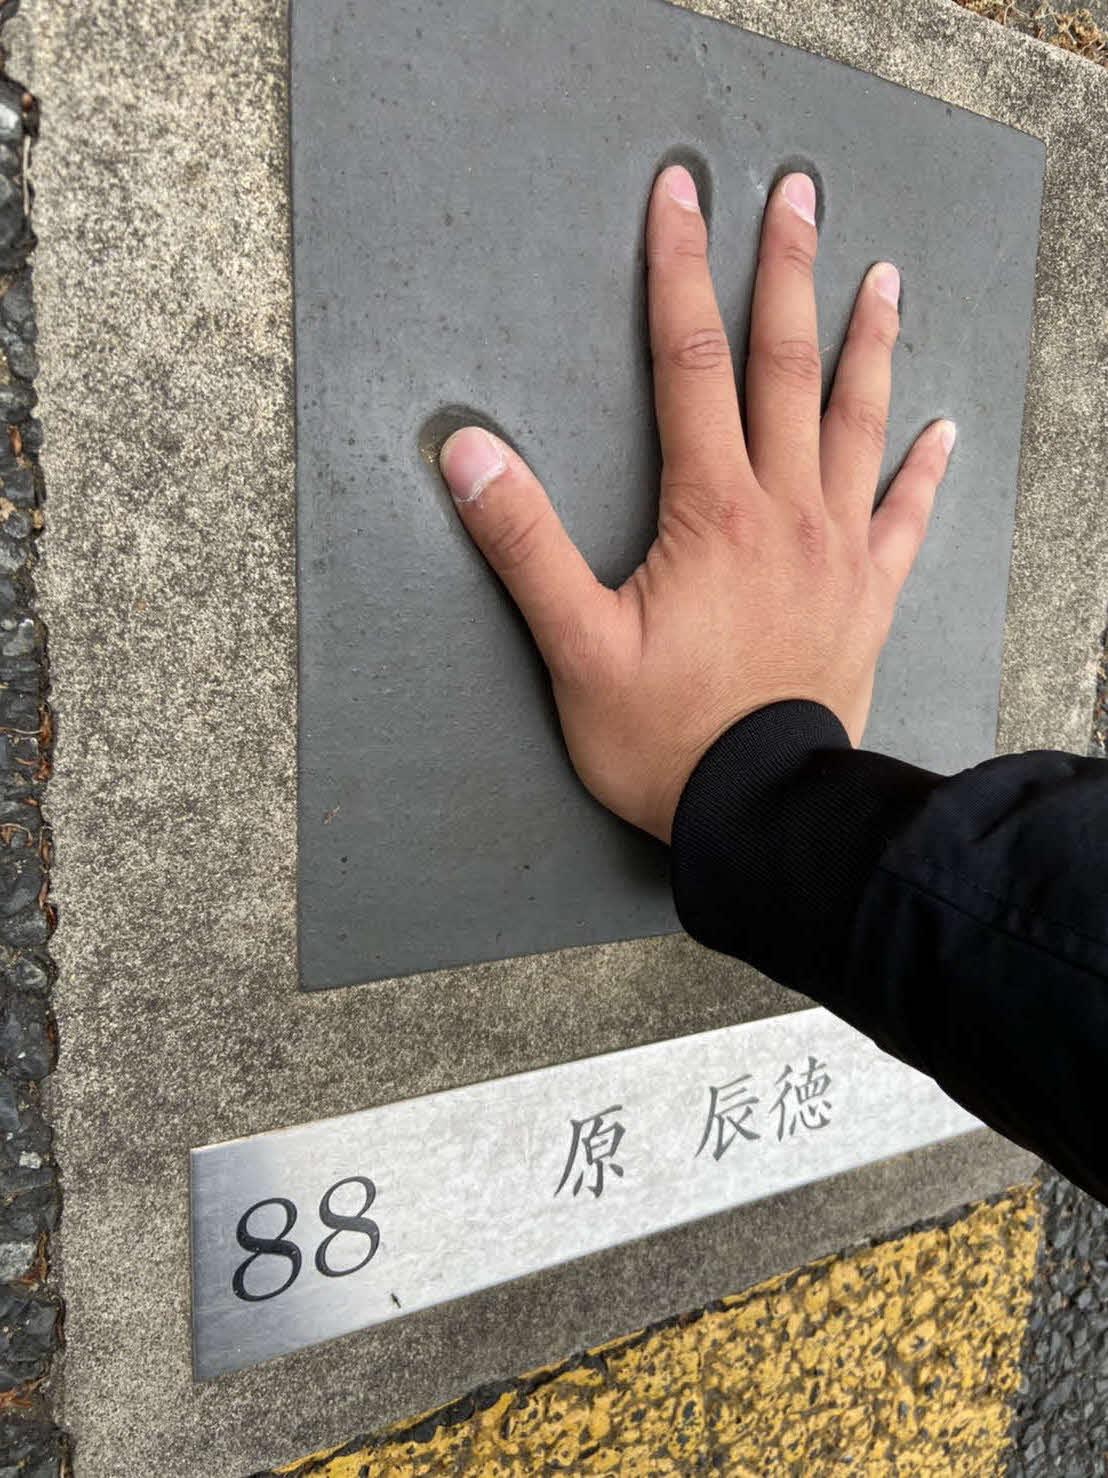 19センチと大きくはないが、力強い原辰徳監督の手形(撮影・小早川宗一郎)